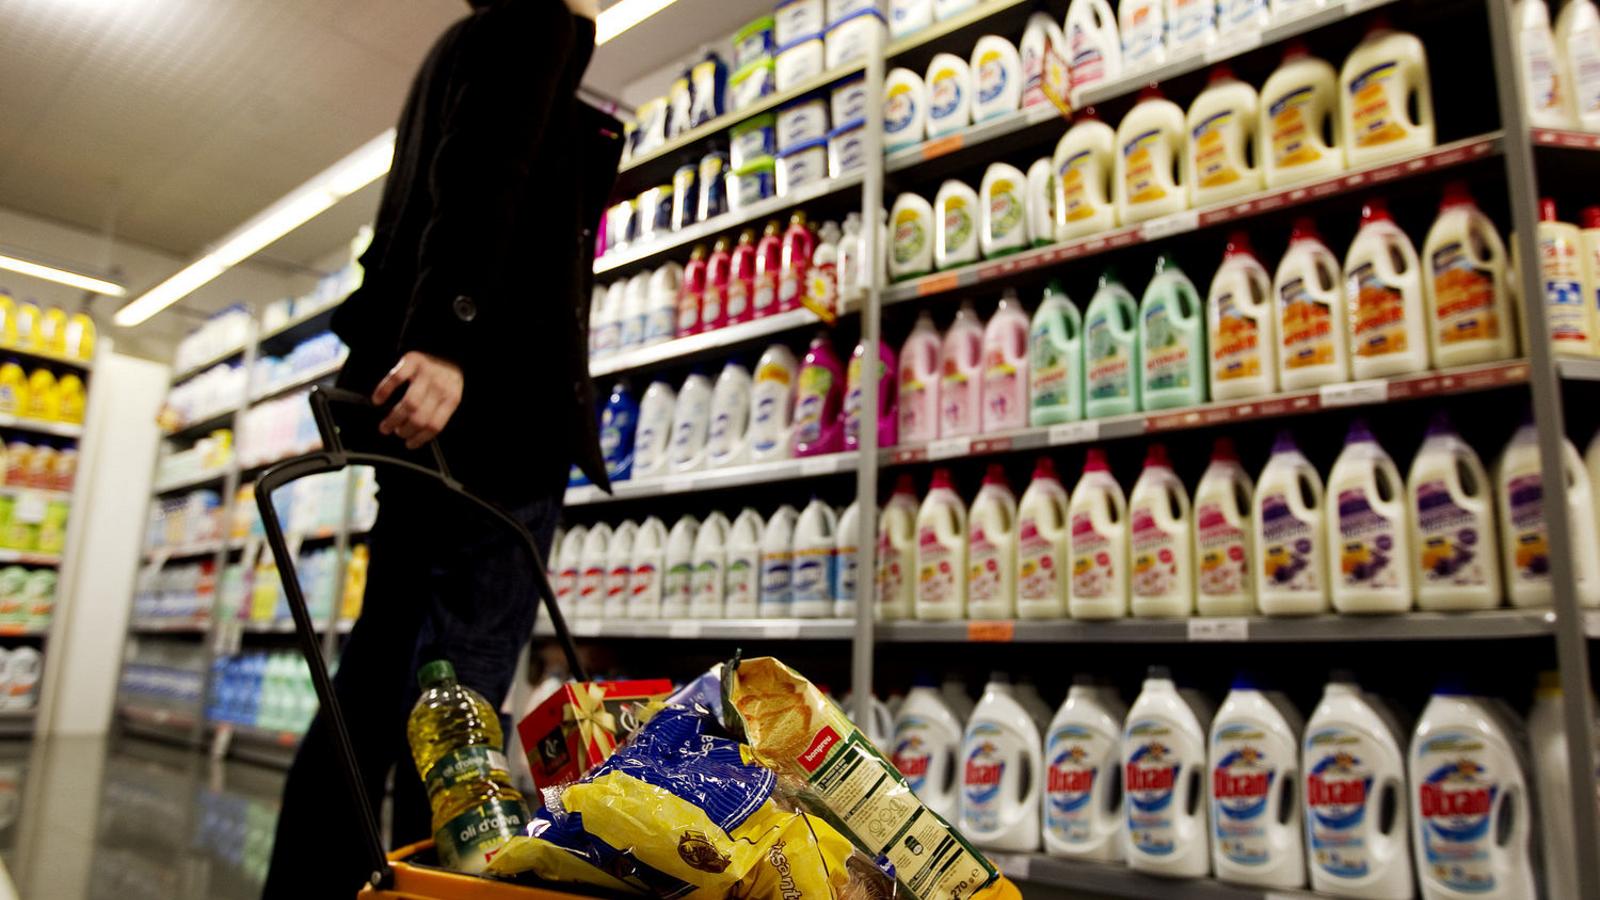 Bon Preu s'alia amb la britànica Ocado per rellançar les seves vendes online